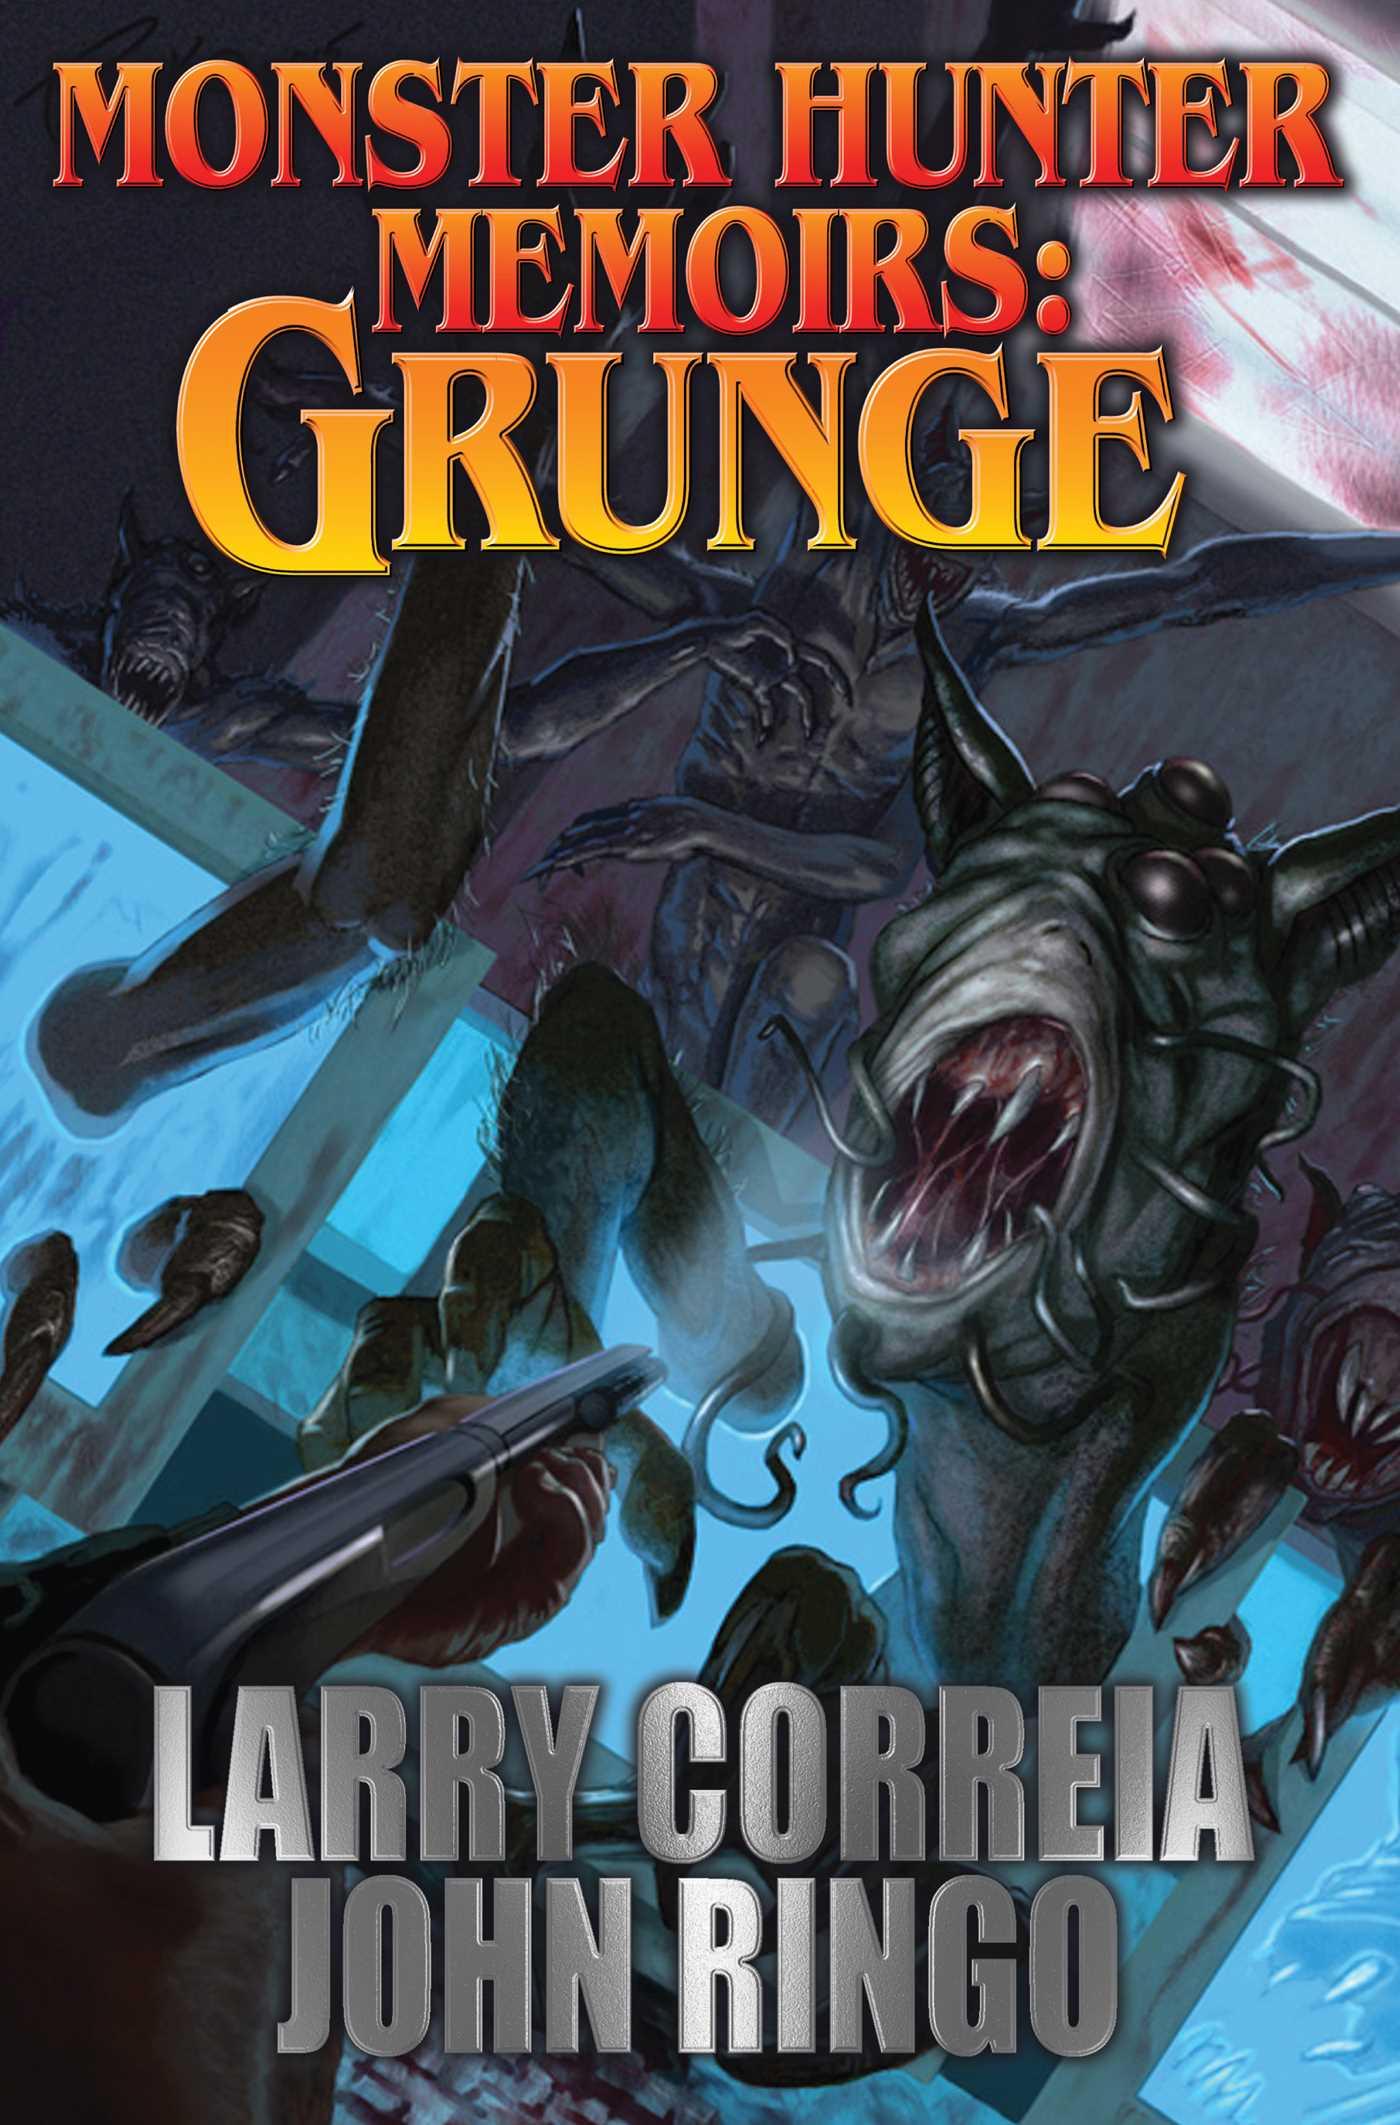 Monster hunter memoirs grunge 9781481482622 hr